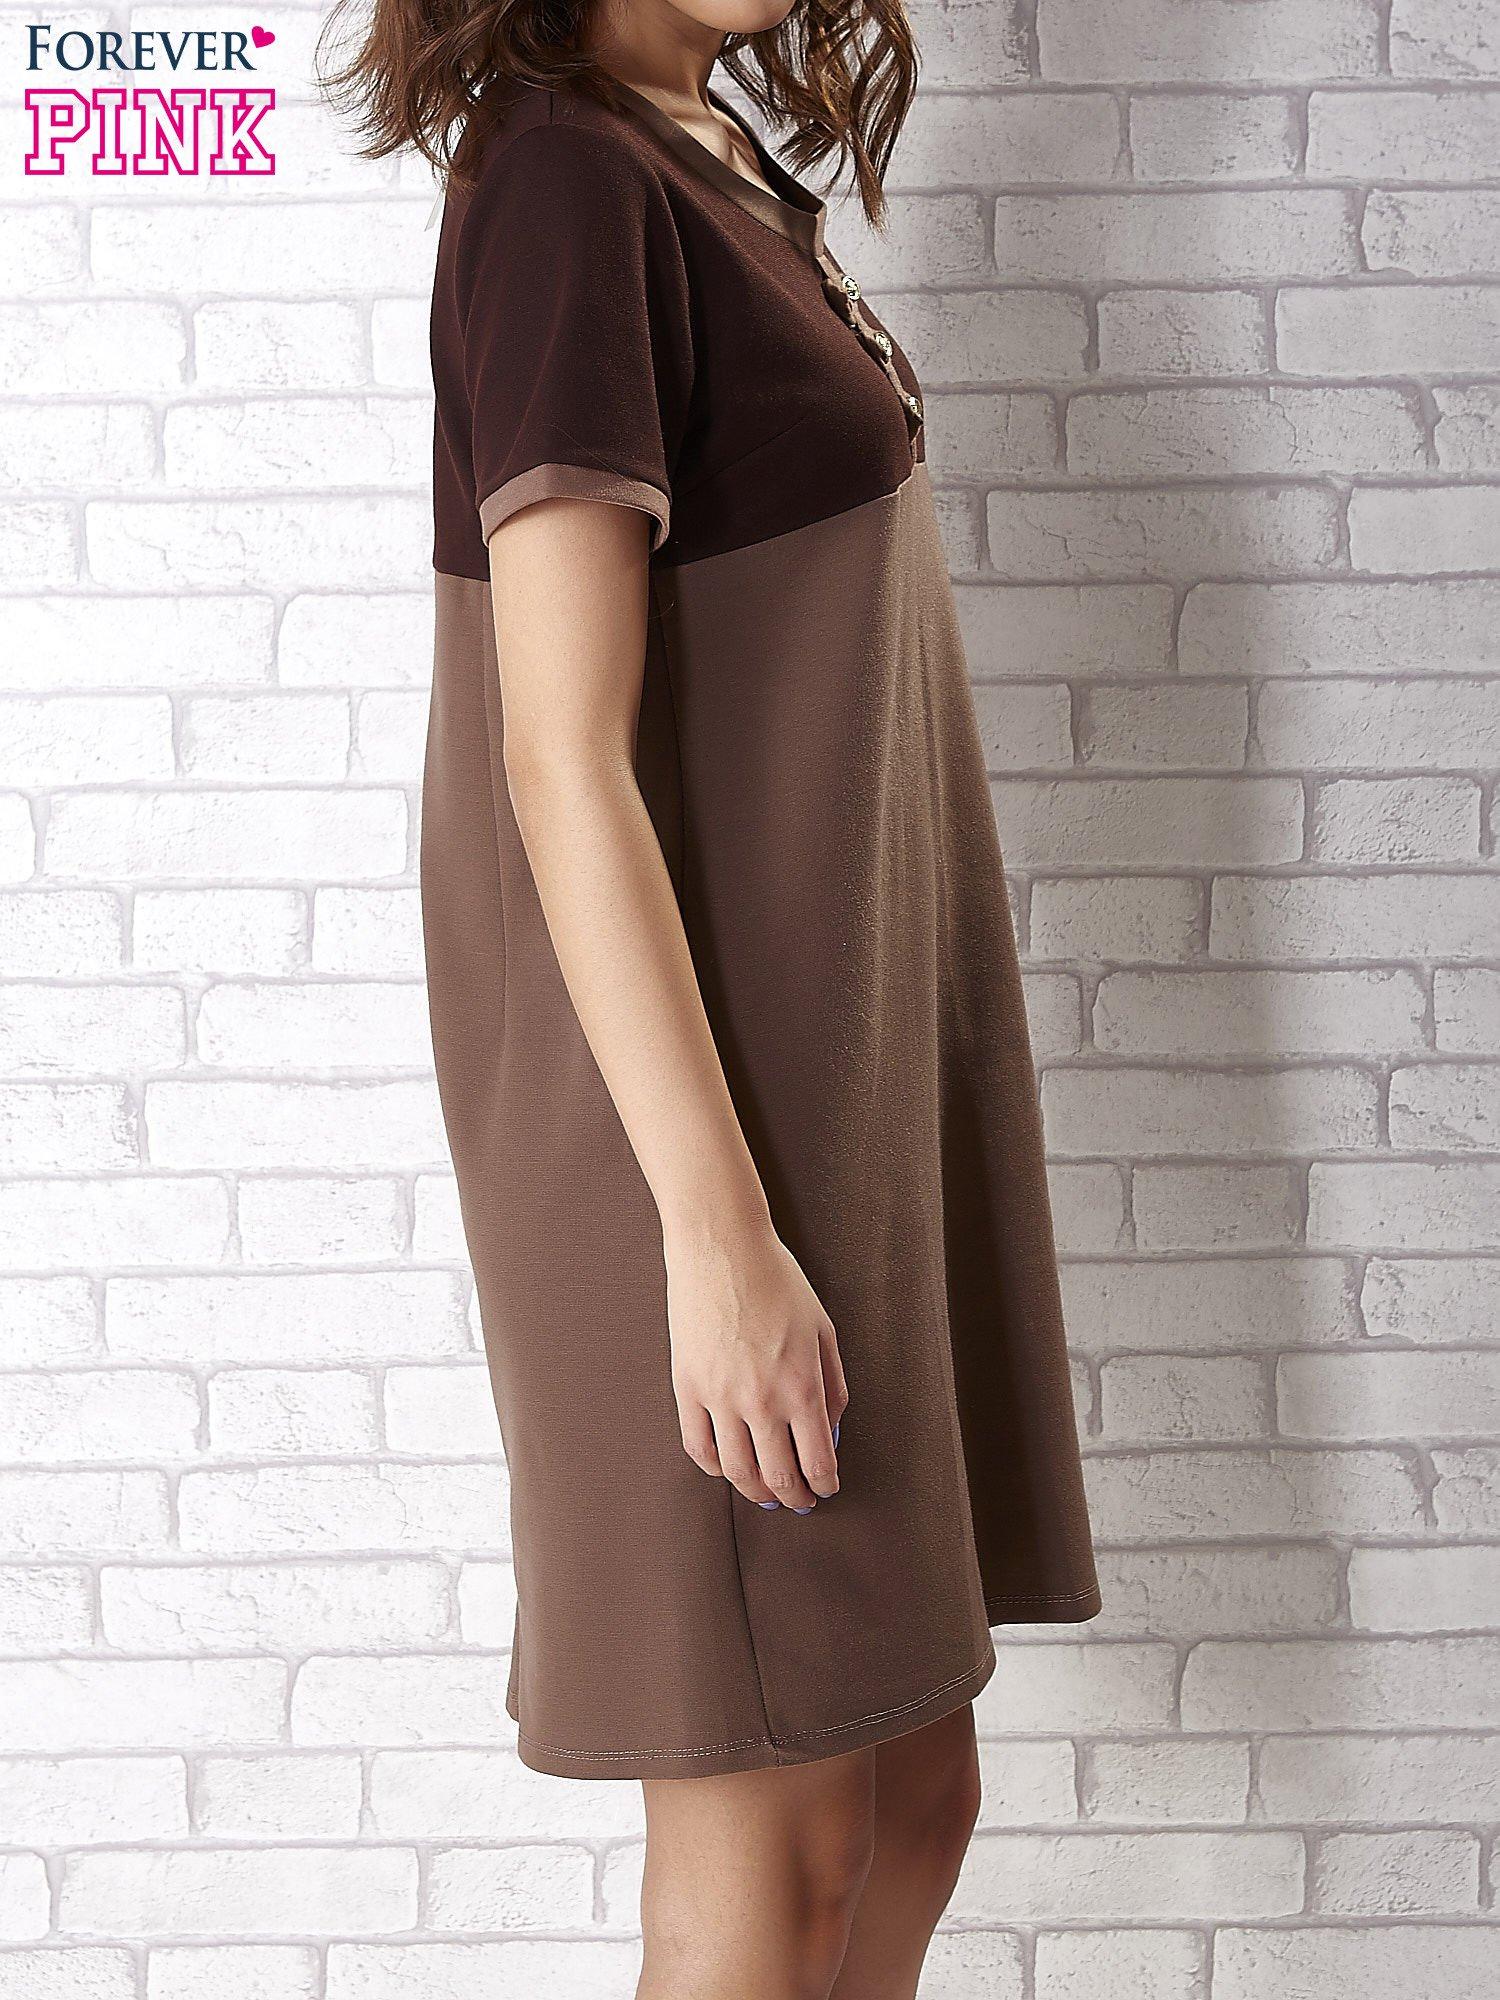 Ciemnobrązowa sukienka ze złotymi guzikami                                  zdj.                                  3